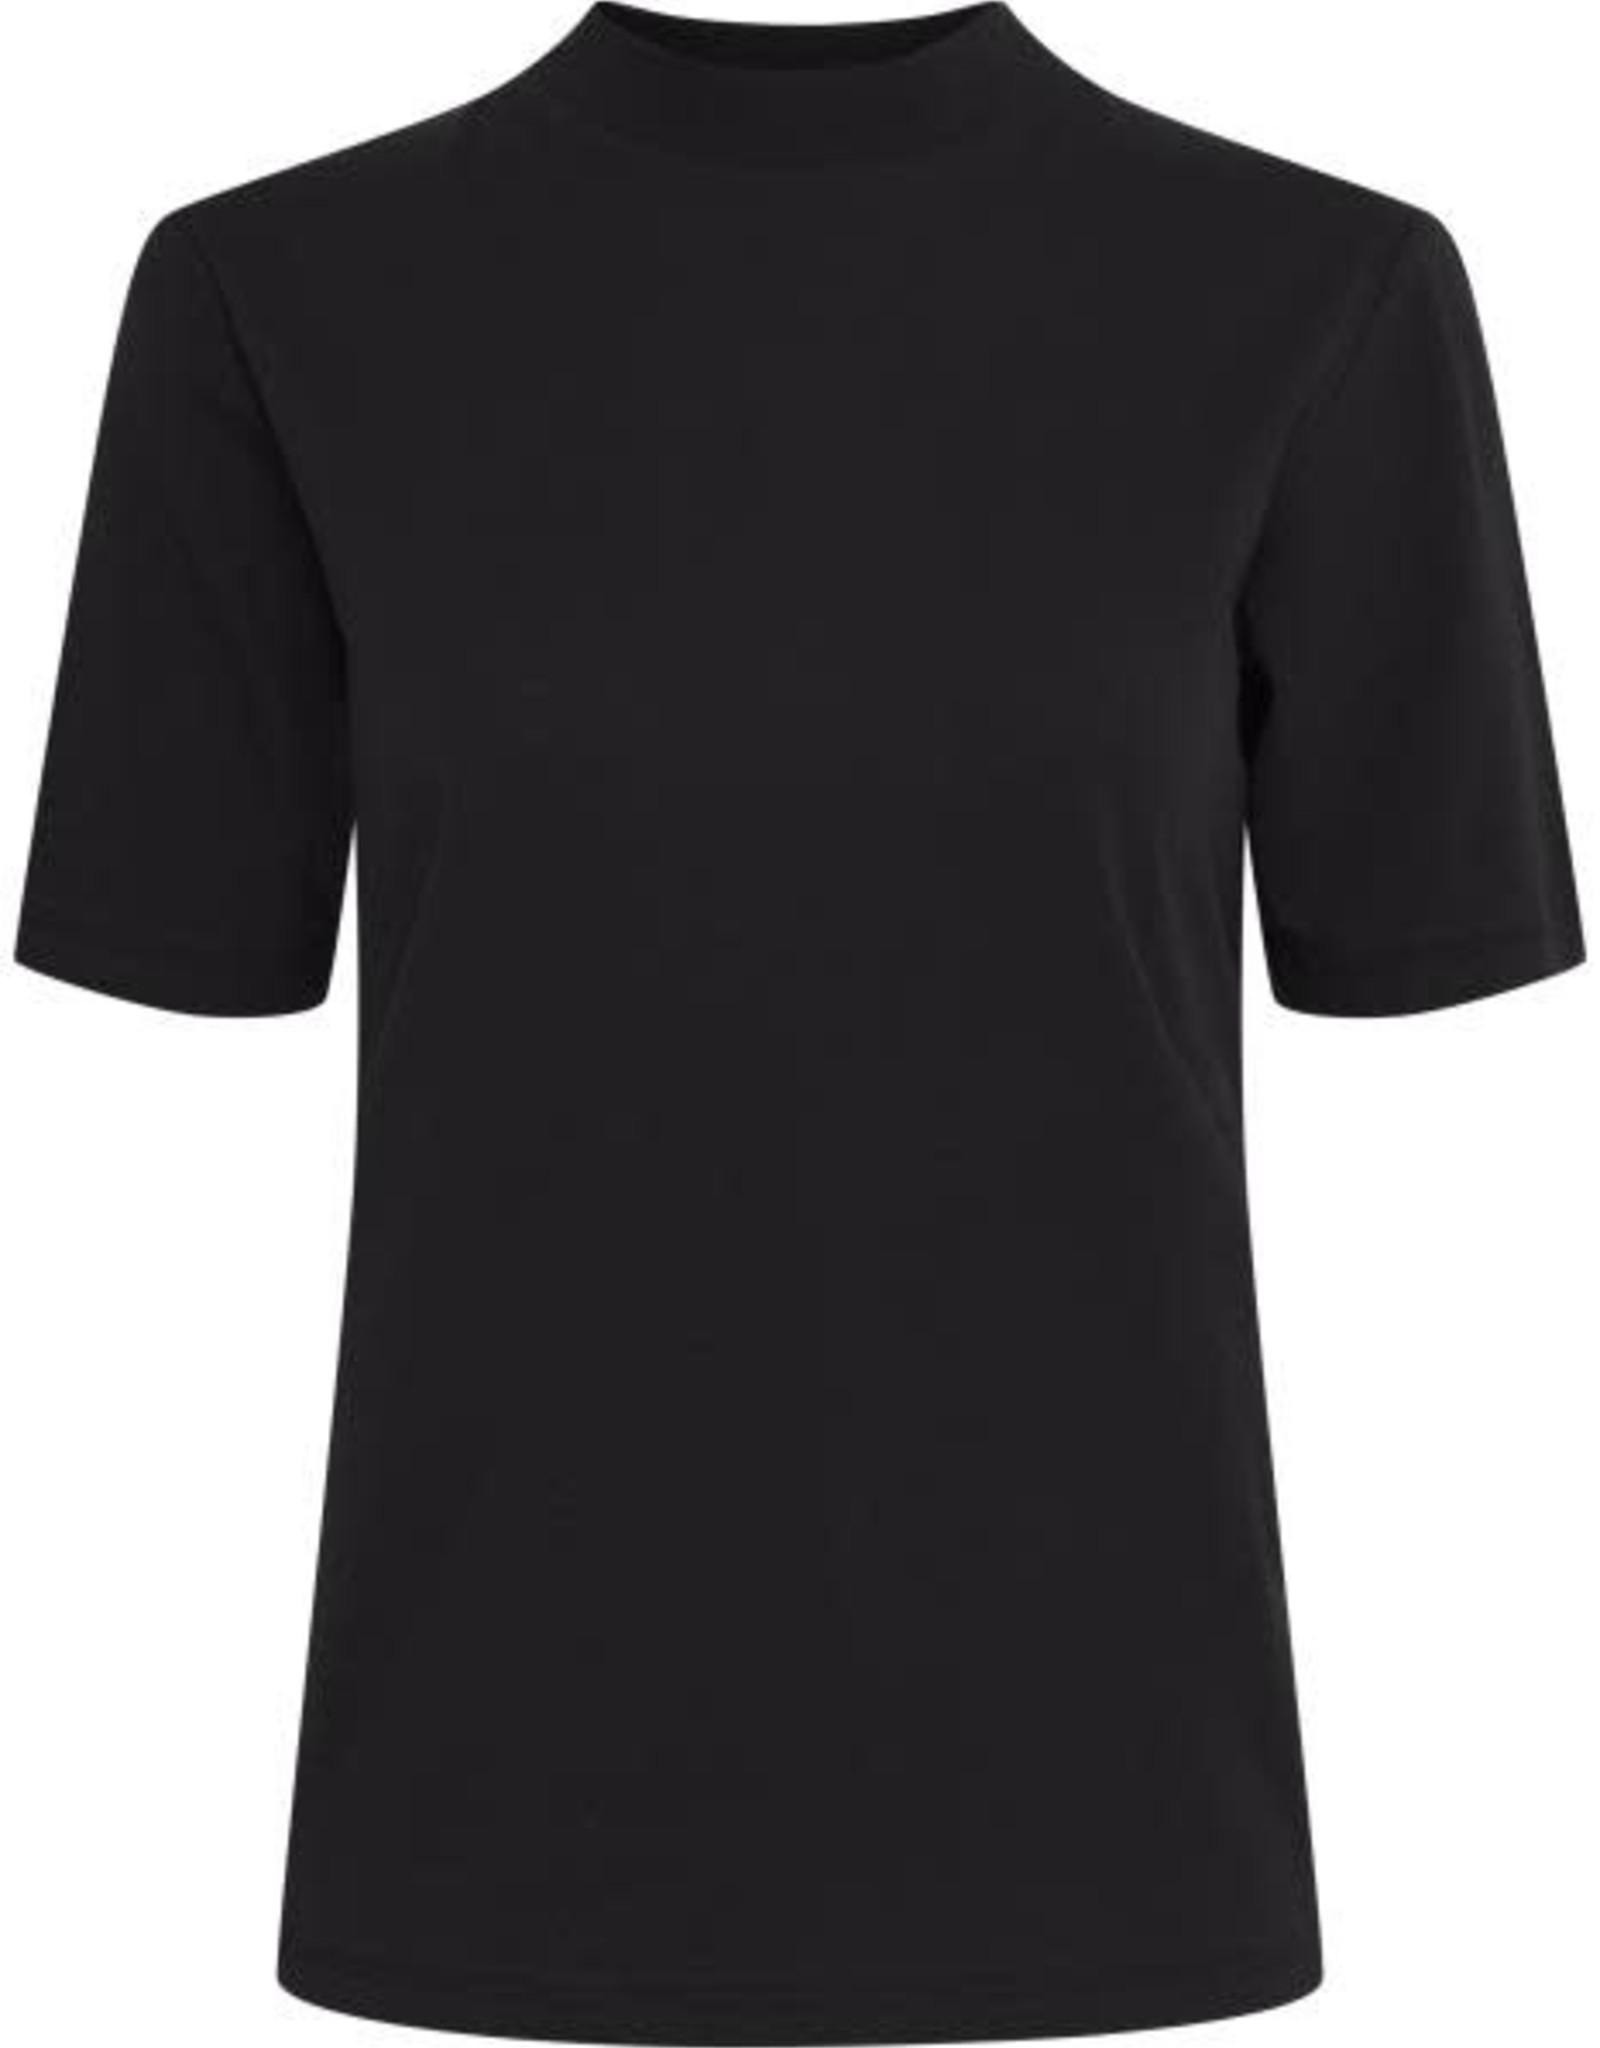 Ichi ICHI Ihrania t-shirt